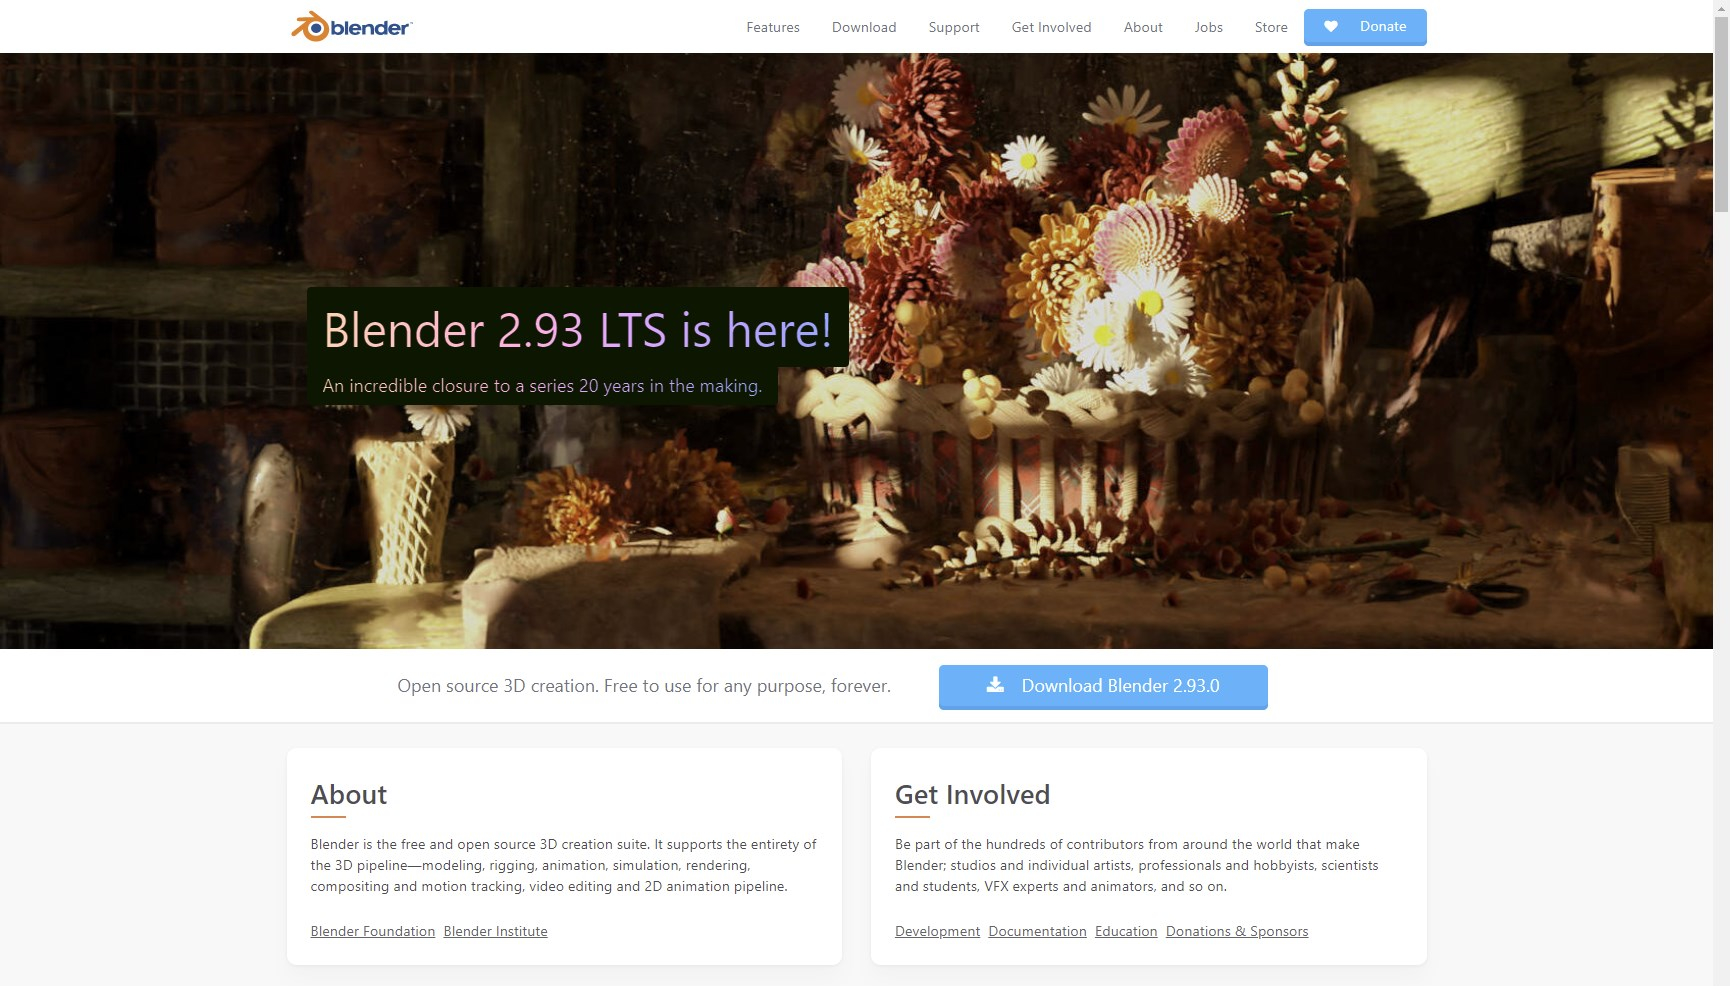 """「Blender」はBlender財団が開発するオープンソースの3Dコンテンツ制作ツールで、<a href=""""https://www.blender.org/"""" class=""""n"""" target=""""_blank"""">「Blender」公式サイト</a>や窓の杜から無料でダウンロードできる。"""